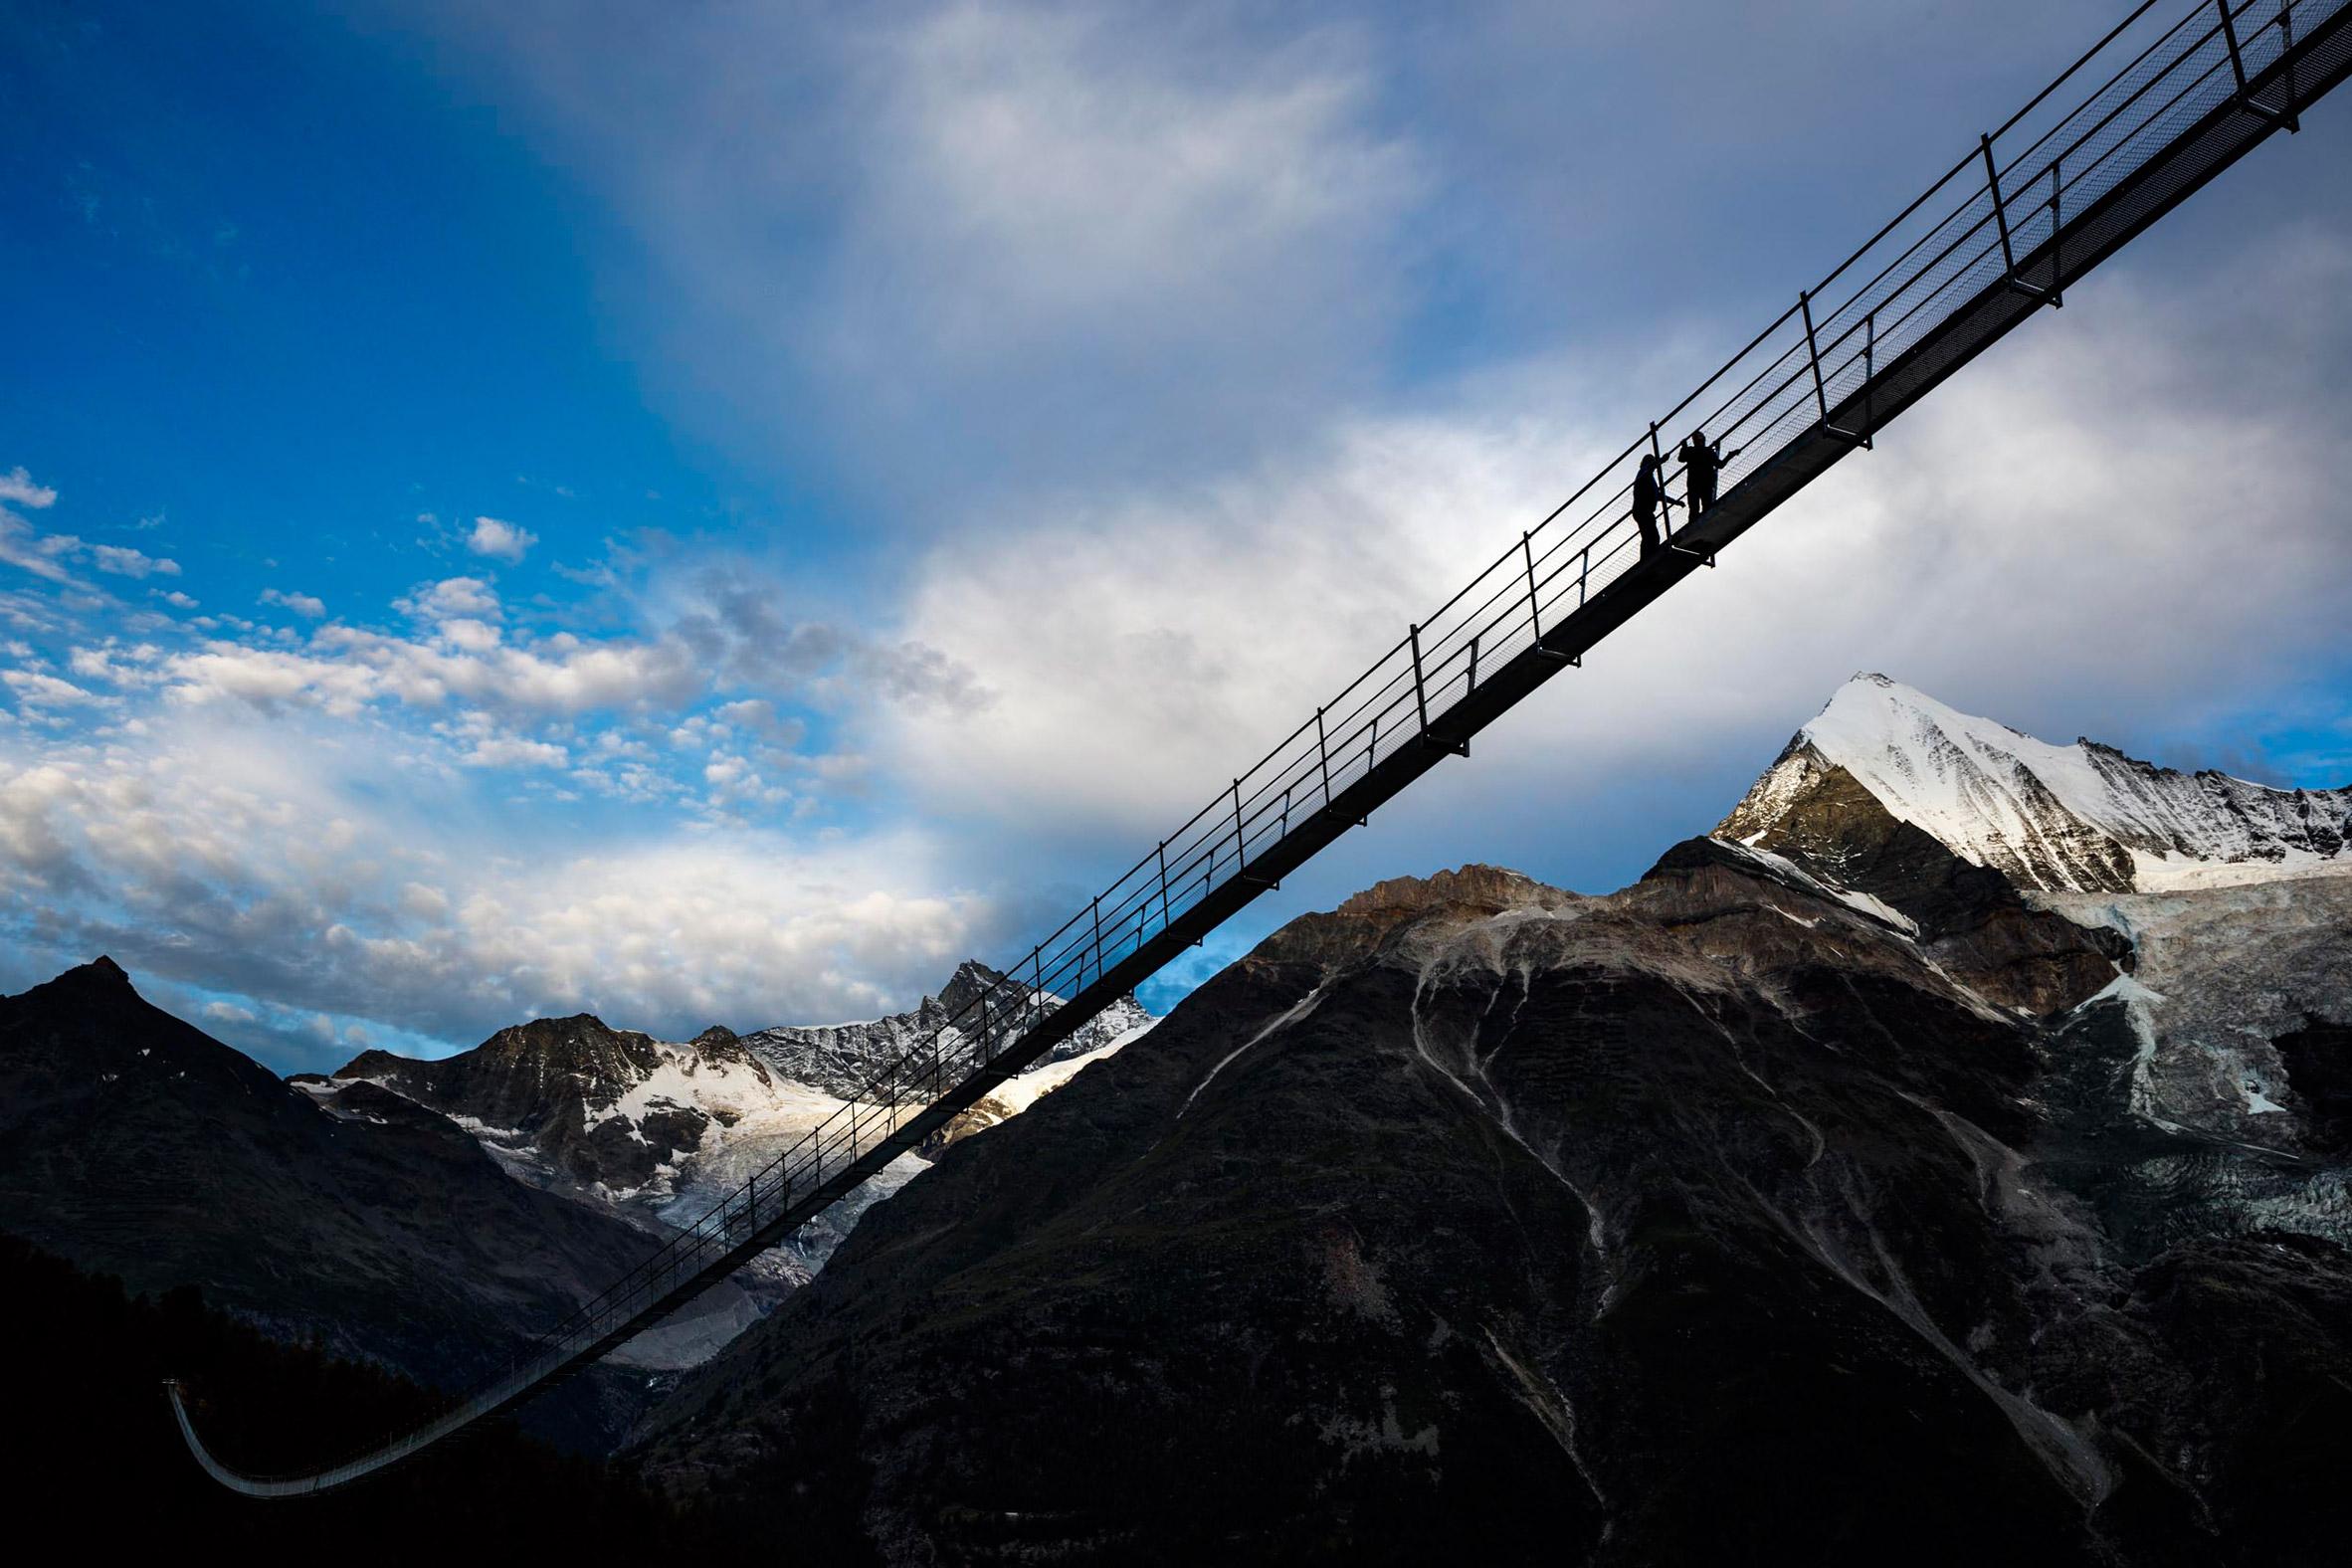 charles-kuonen-suspension-bridge-switzerland_dezeen_2364_col_5